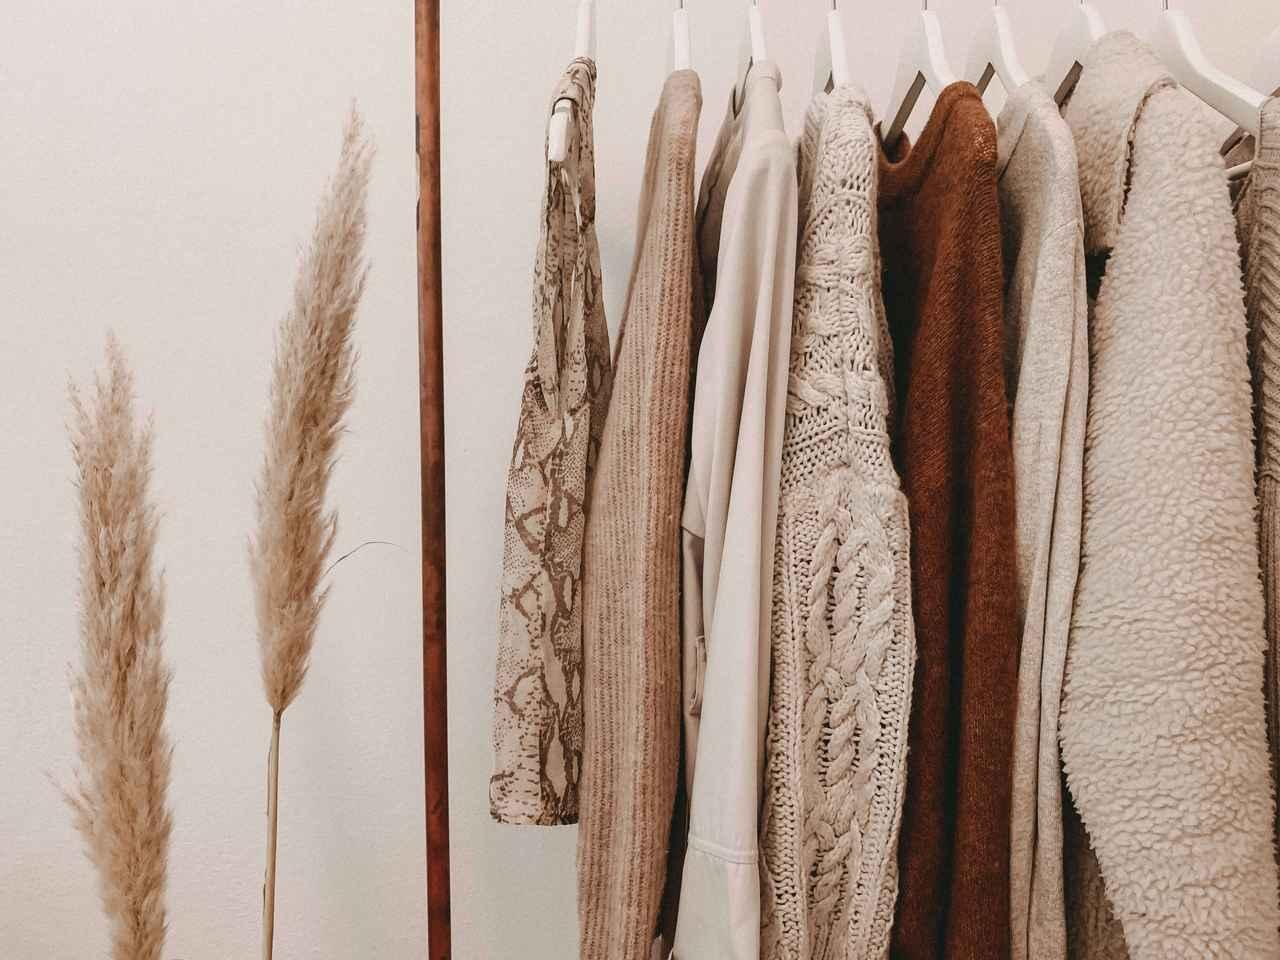 画像: 洋服のサステナブルな洗濯方法とは。洋服を長持ちさせる洗濯・お手入れ方法も